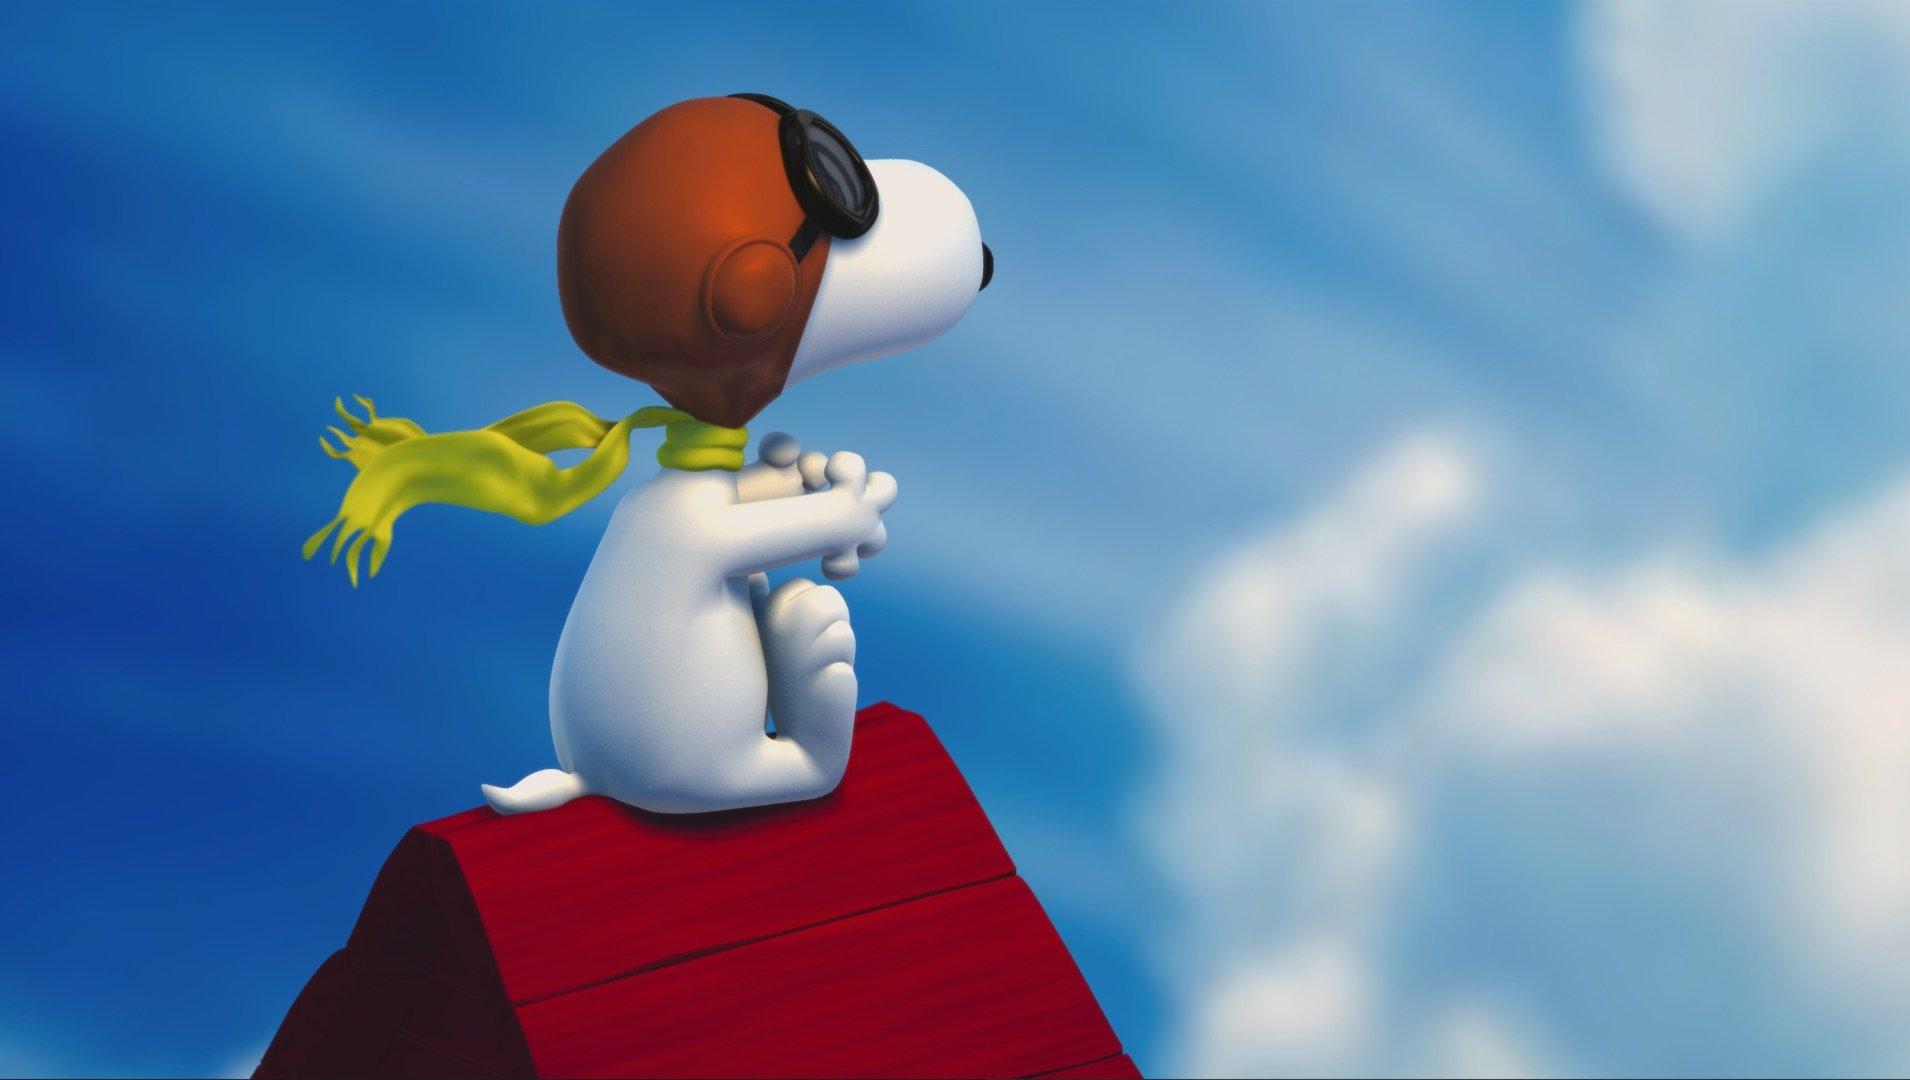 Snoopy_03_render.jpg